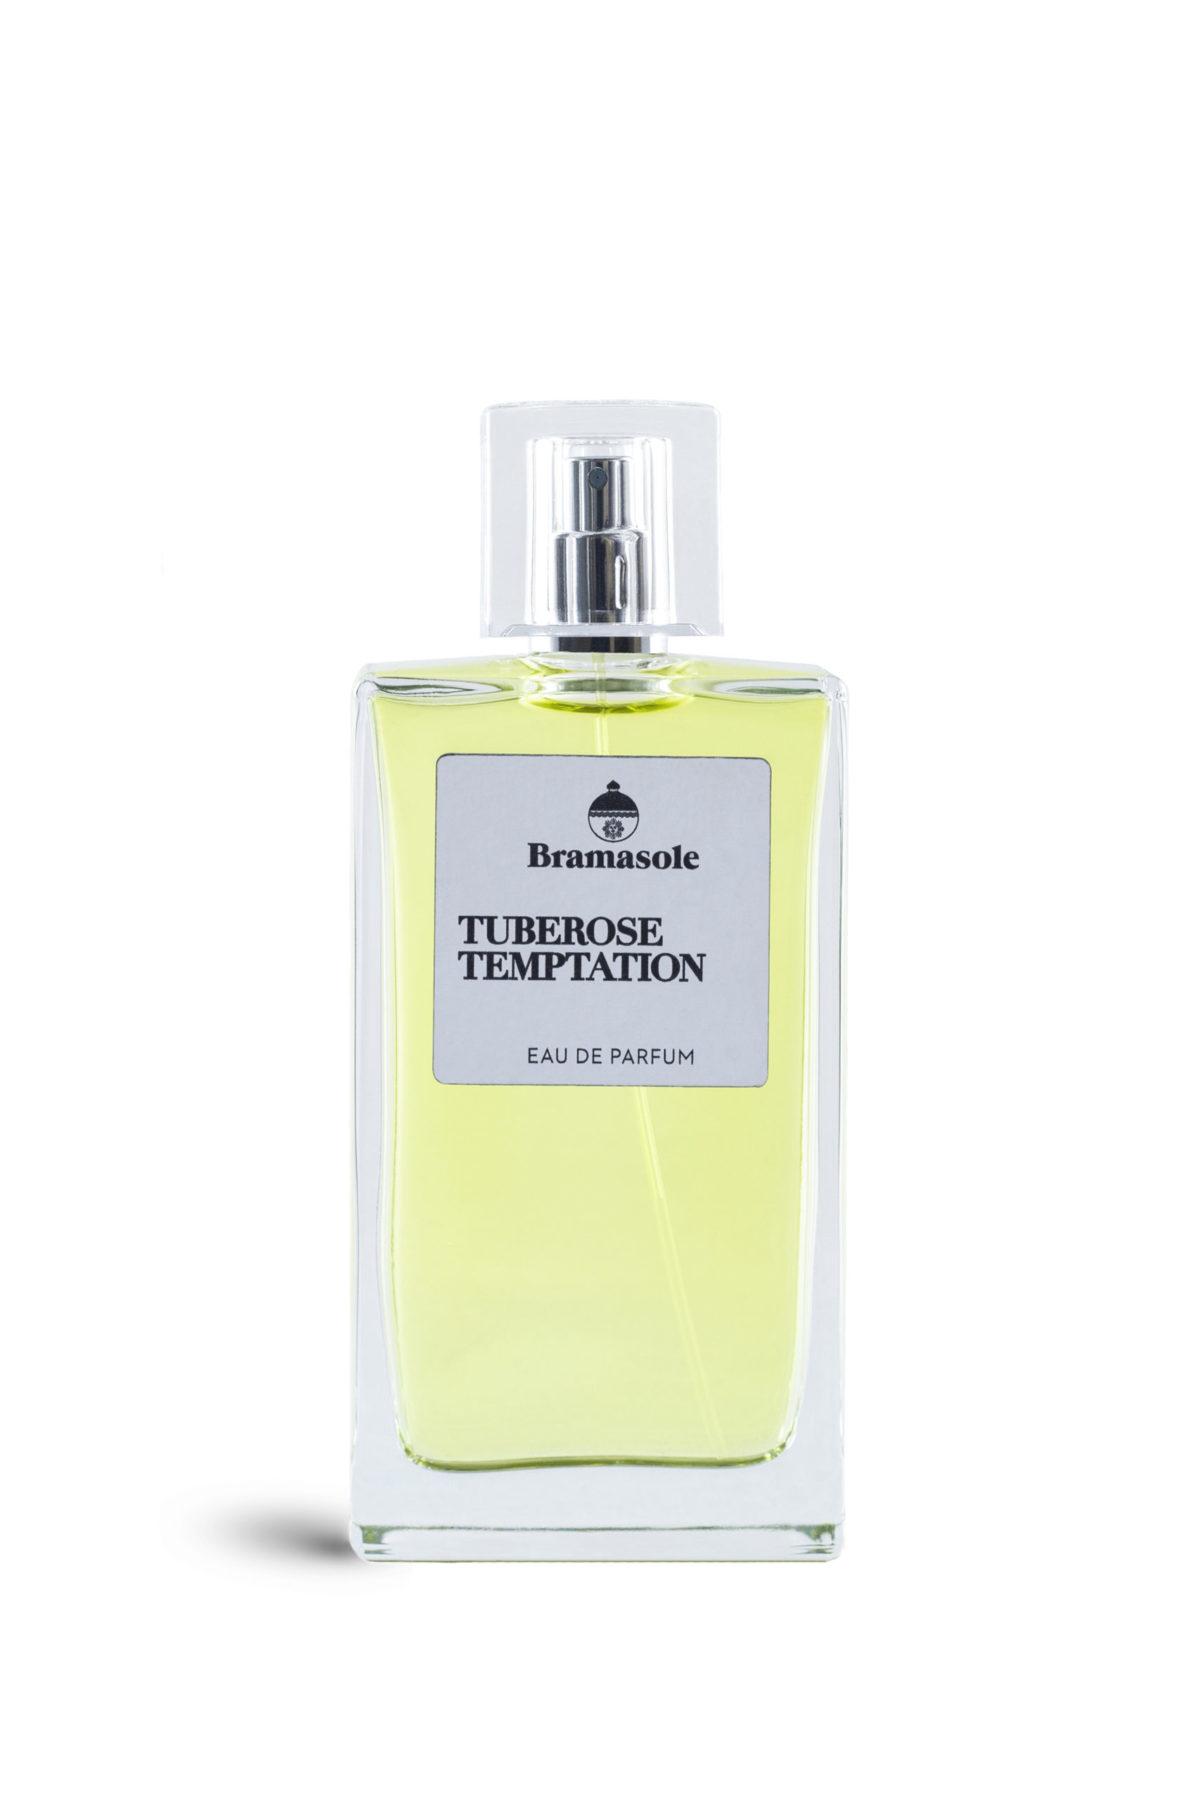 Tuberose Temptation – eau de parfum